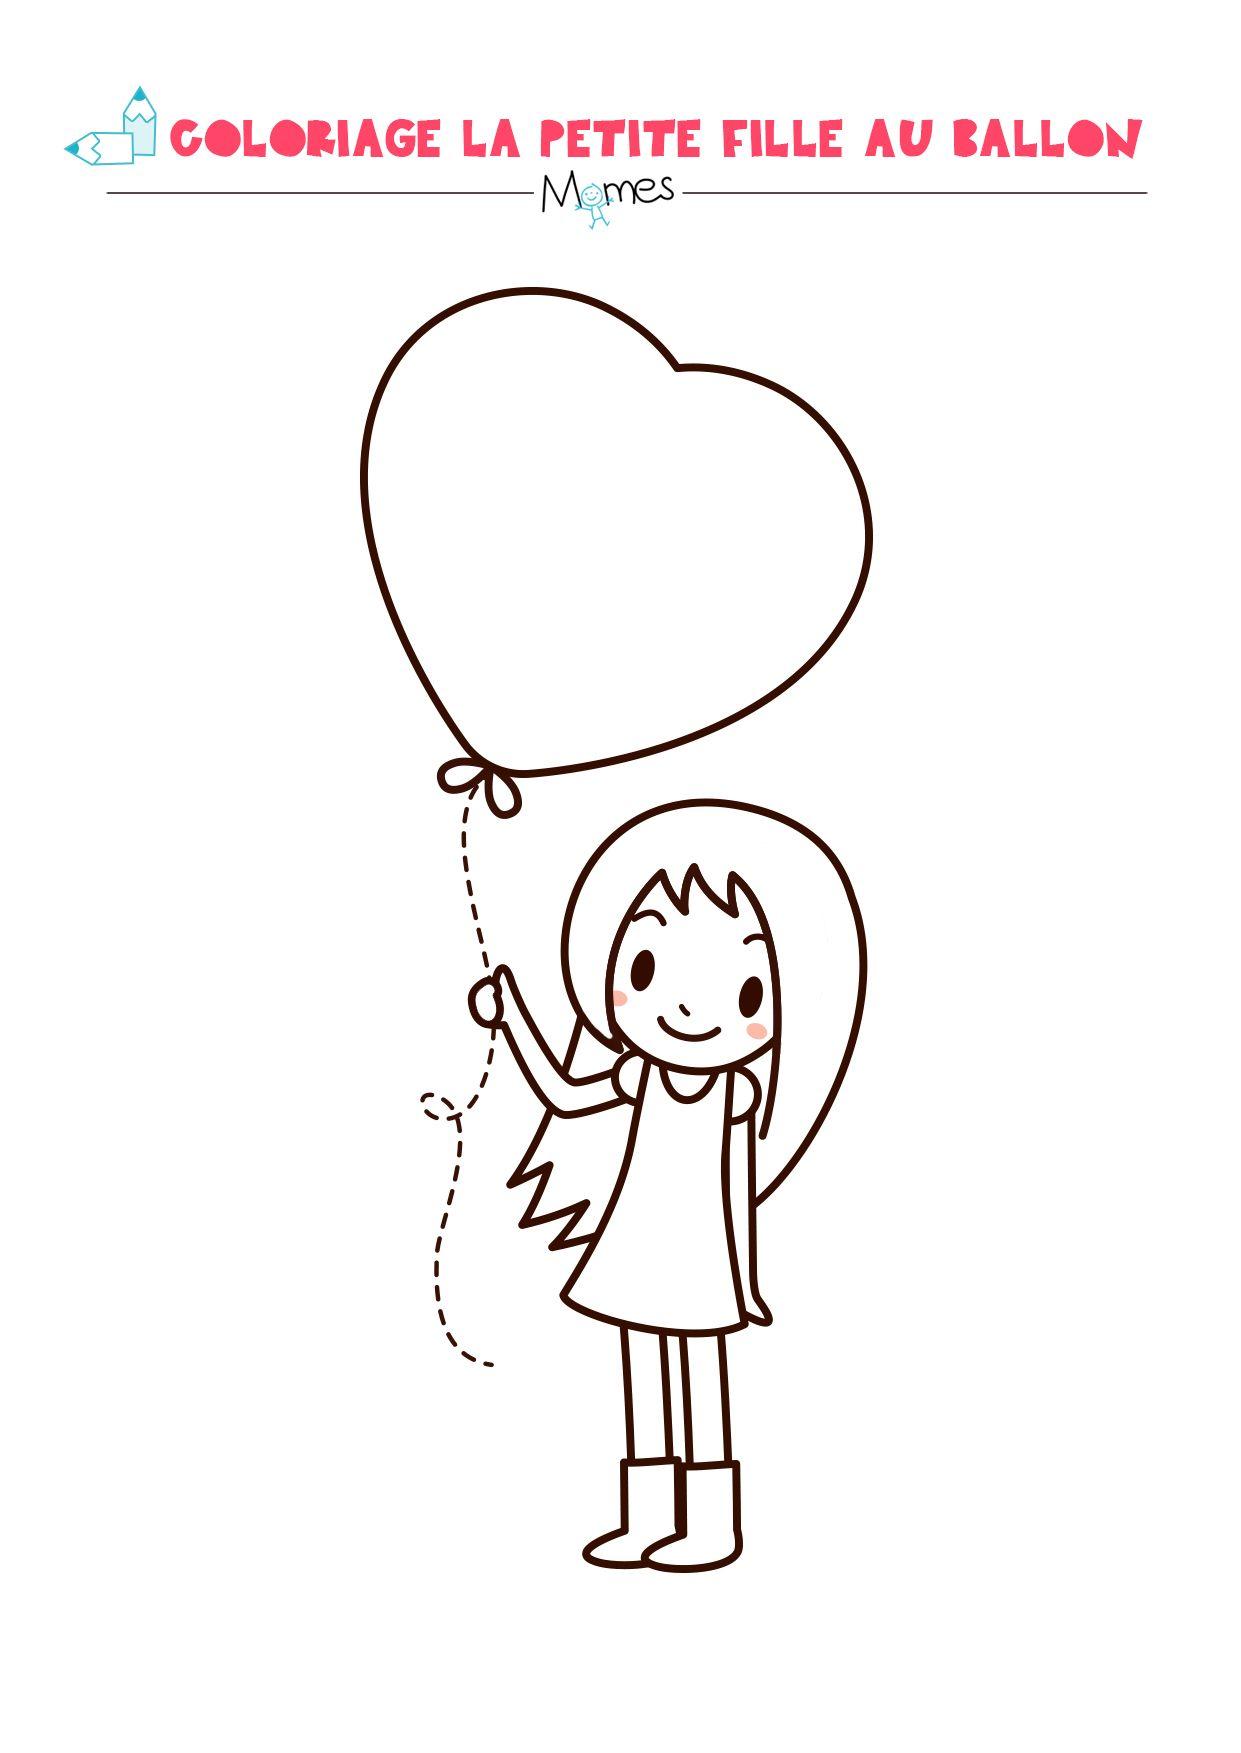 Coloriage Coeur De St Valentin.La Petite Fille Au Grand Coeur Idees Pour La Saint Valentin Des